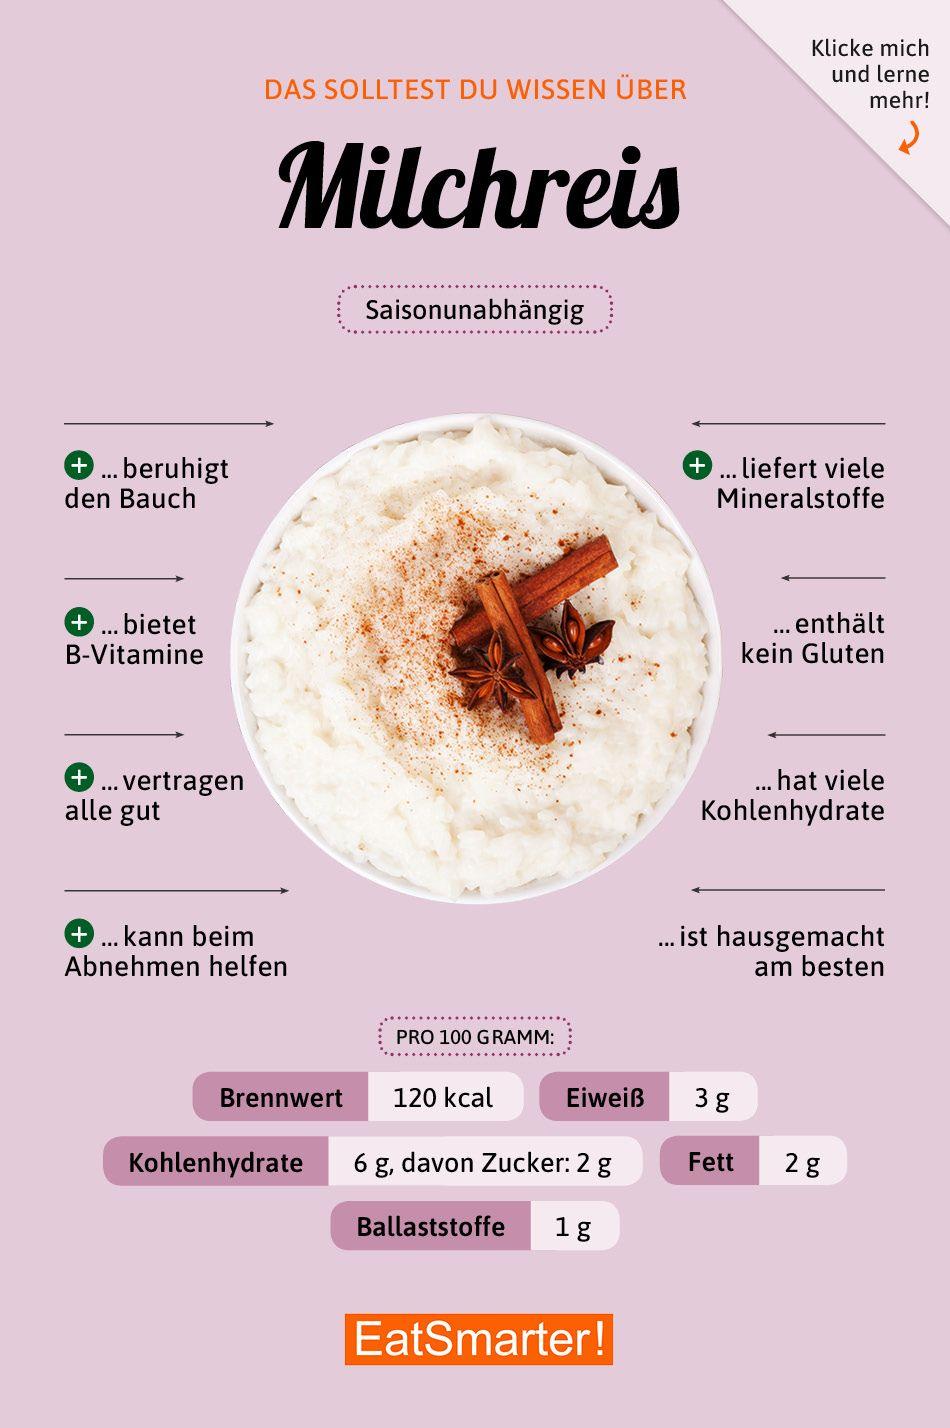 Milchreis #nutritionhealthyeating